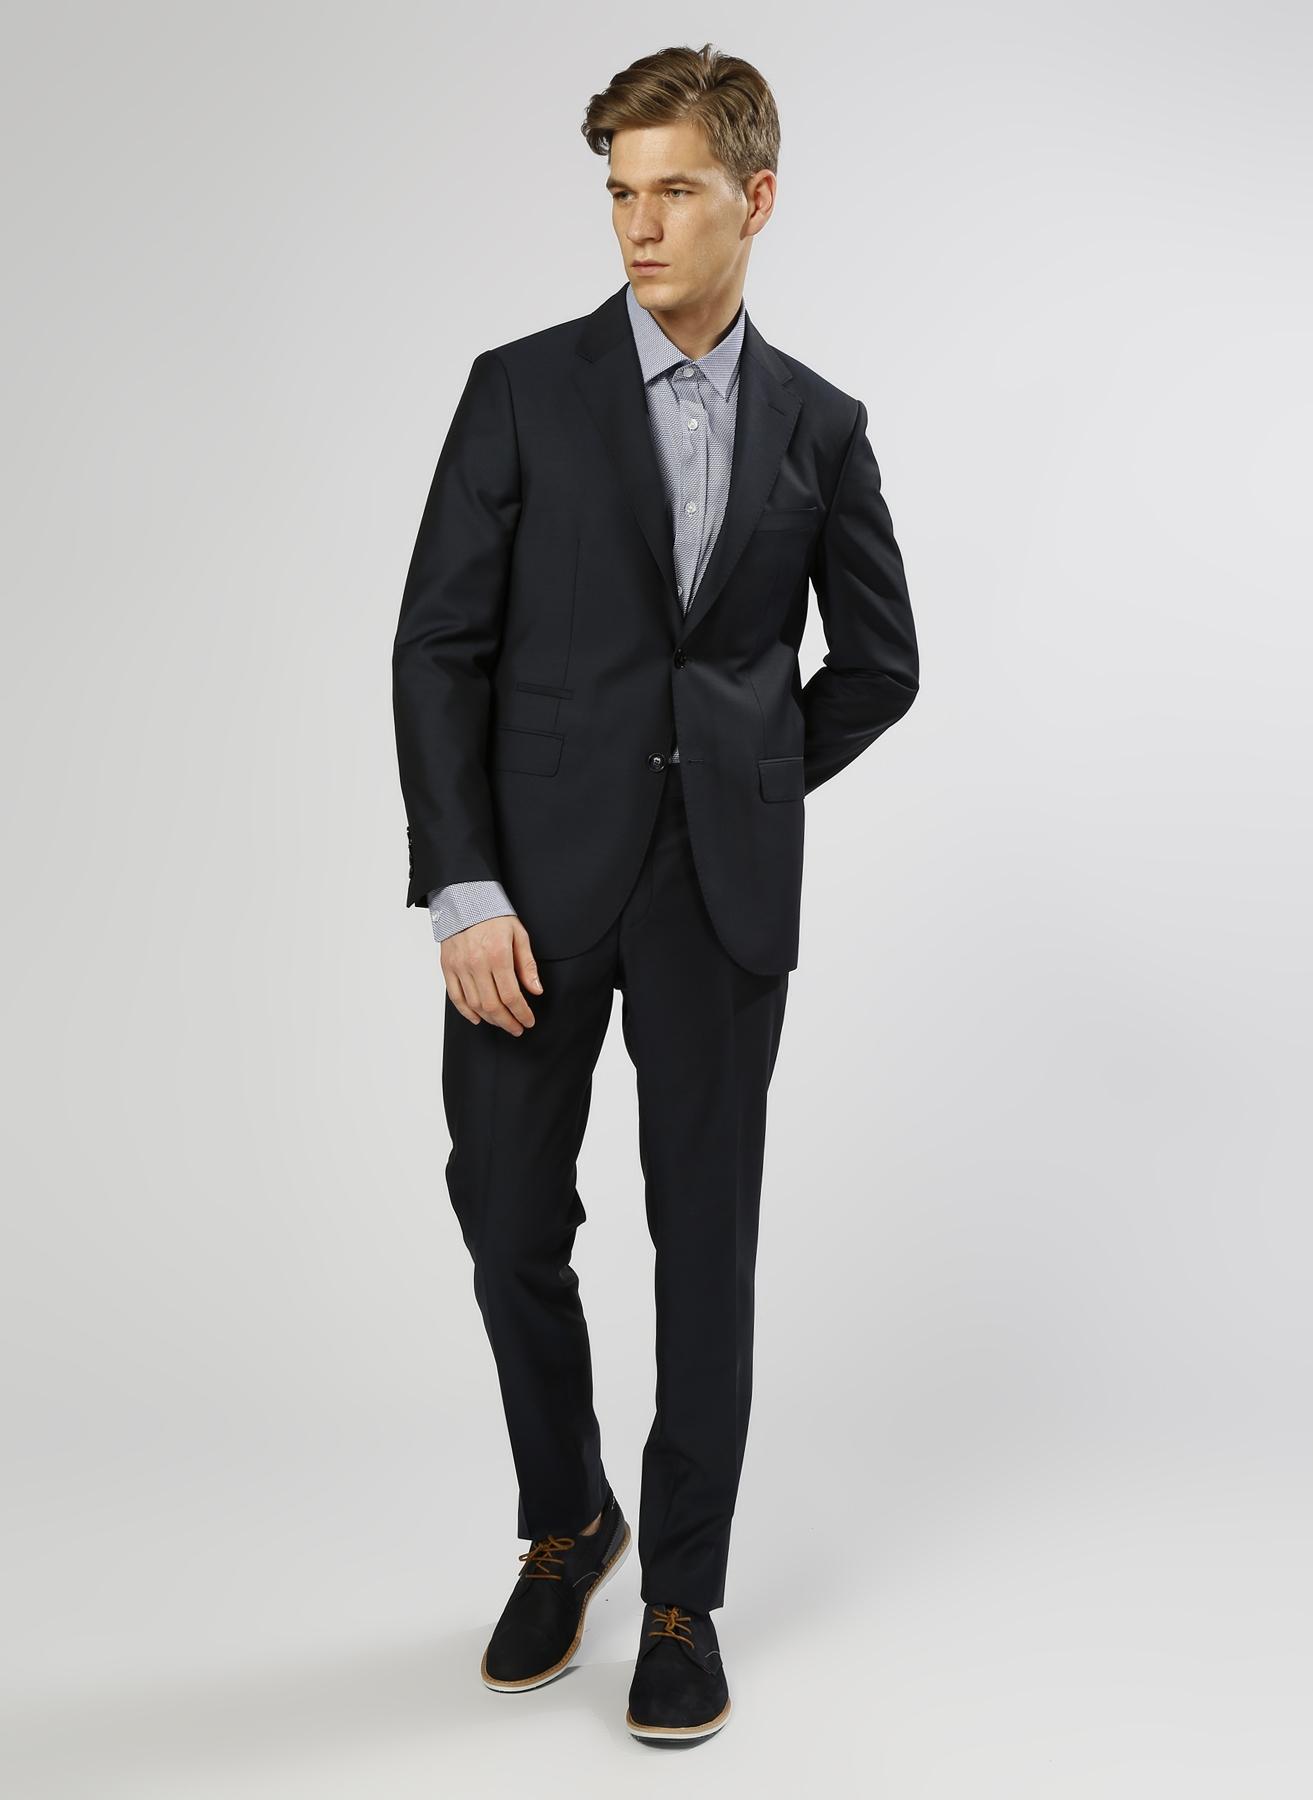 George Hogg Yün Lacivert Takım Elbise 56-6 5000211247005 Ürün Resmi